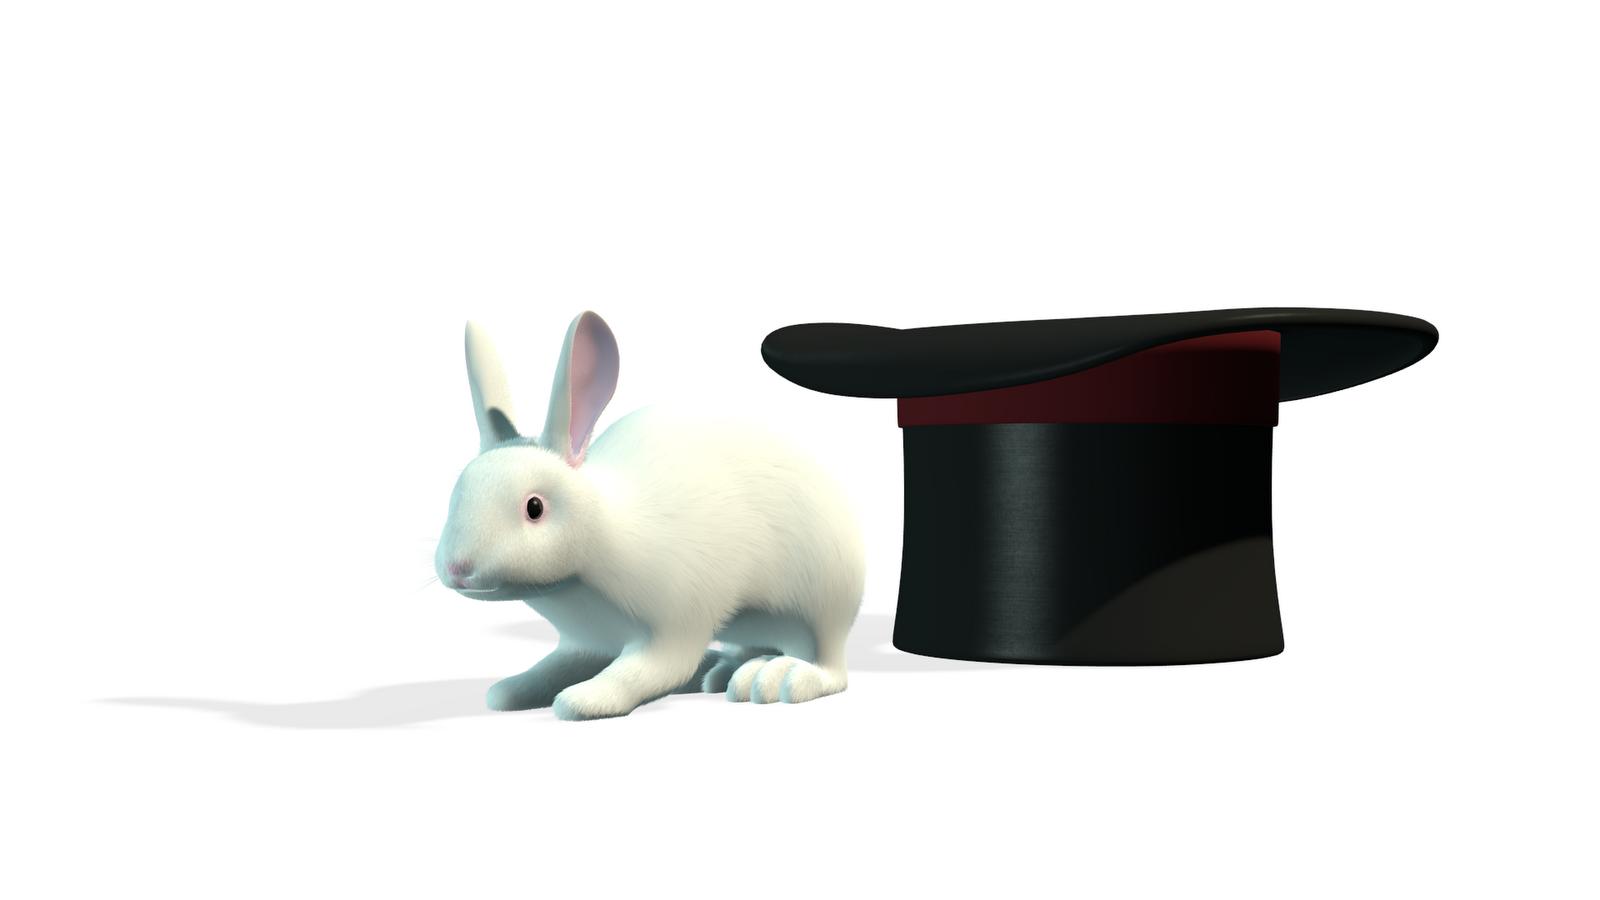 Blender Magicians Rabbit